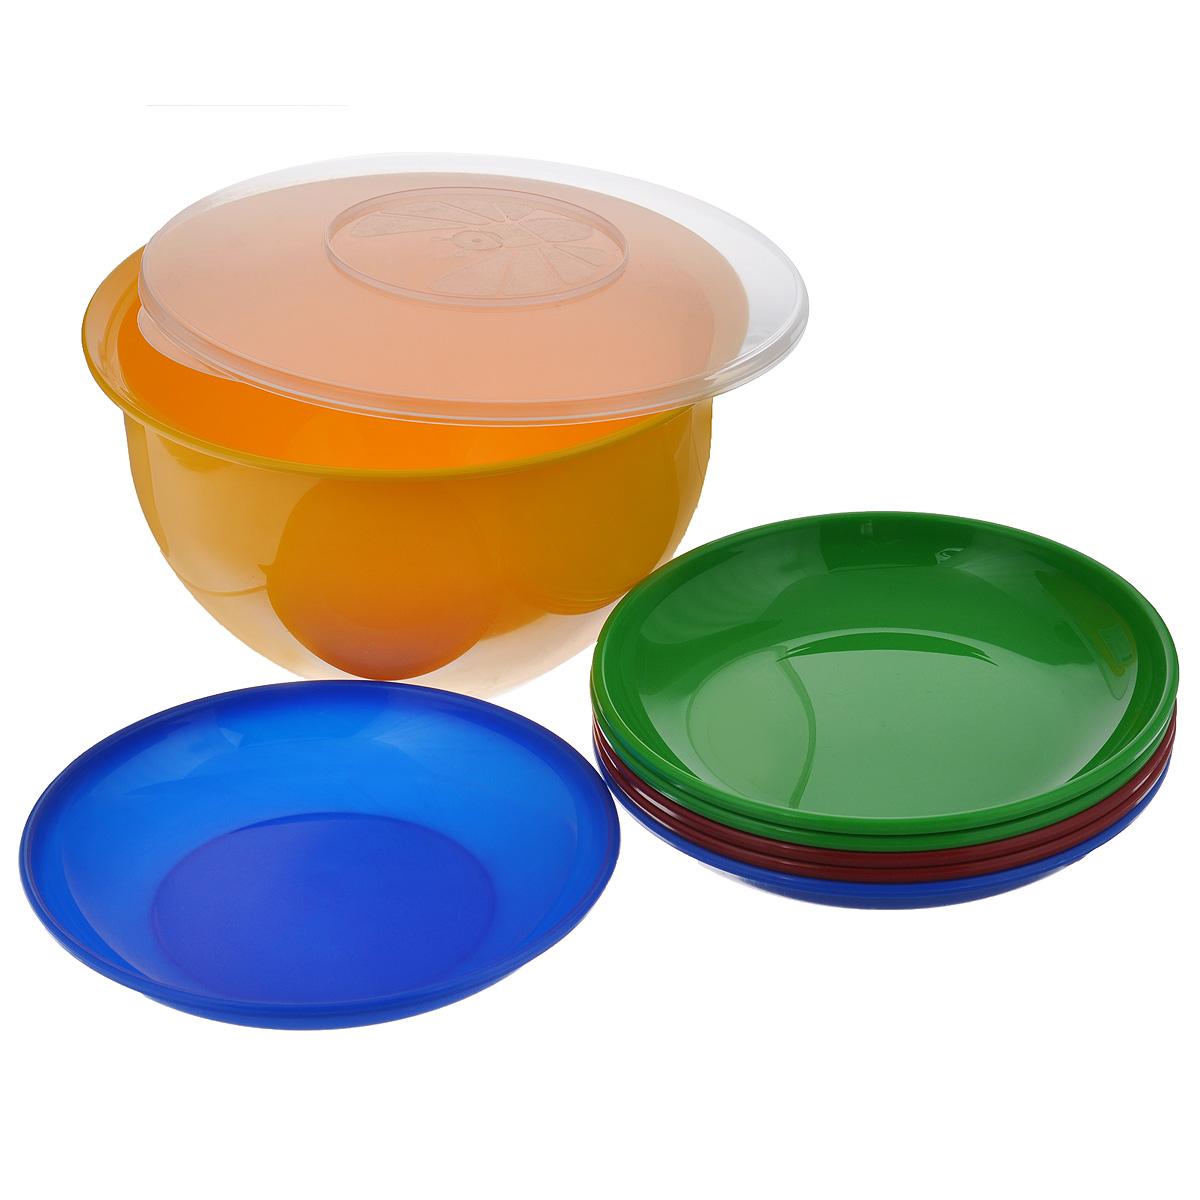 Набор посуды Solaris, 7 предметов. S1605NM-450-CВ состав набора Solaris входит 6 тарелок и большая миска с герметичной крышкой. Большую миску можно использовать как пищевой контейнер, для приготовления салата, мариновки шашлыка и т.п.Свойства посуды:Посуда из ударопрочного пищевого полипропилена предназначена для многократного использования. Легкая, прочная и износостойкая, экологически чистая, эта посуда работает в диапазоне температур от -25°С до +110°С. Можно мыть в посудомоечной машине. Эта посуда также обеспечивает:Хранение горячих и холодных пищевых продуктов;Разогрев продуктов в микроволновой печи;Приготовление пищи в микроволновой печи на пару (пароварка);Хранение продуктов в холодильной и морозильной камере;Кипячение воды с помощью электрокипятильника.Объем миски: 3 л.Диаметр миски: 22,5 см.Высота миски: 12,7 см.Диаметр тарелок: 19 см.Высота тарелок: 3 см.